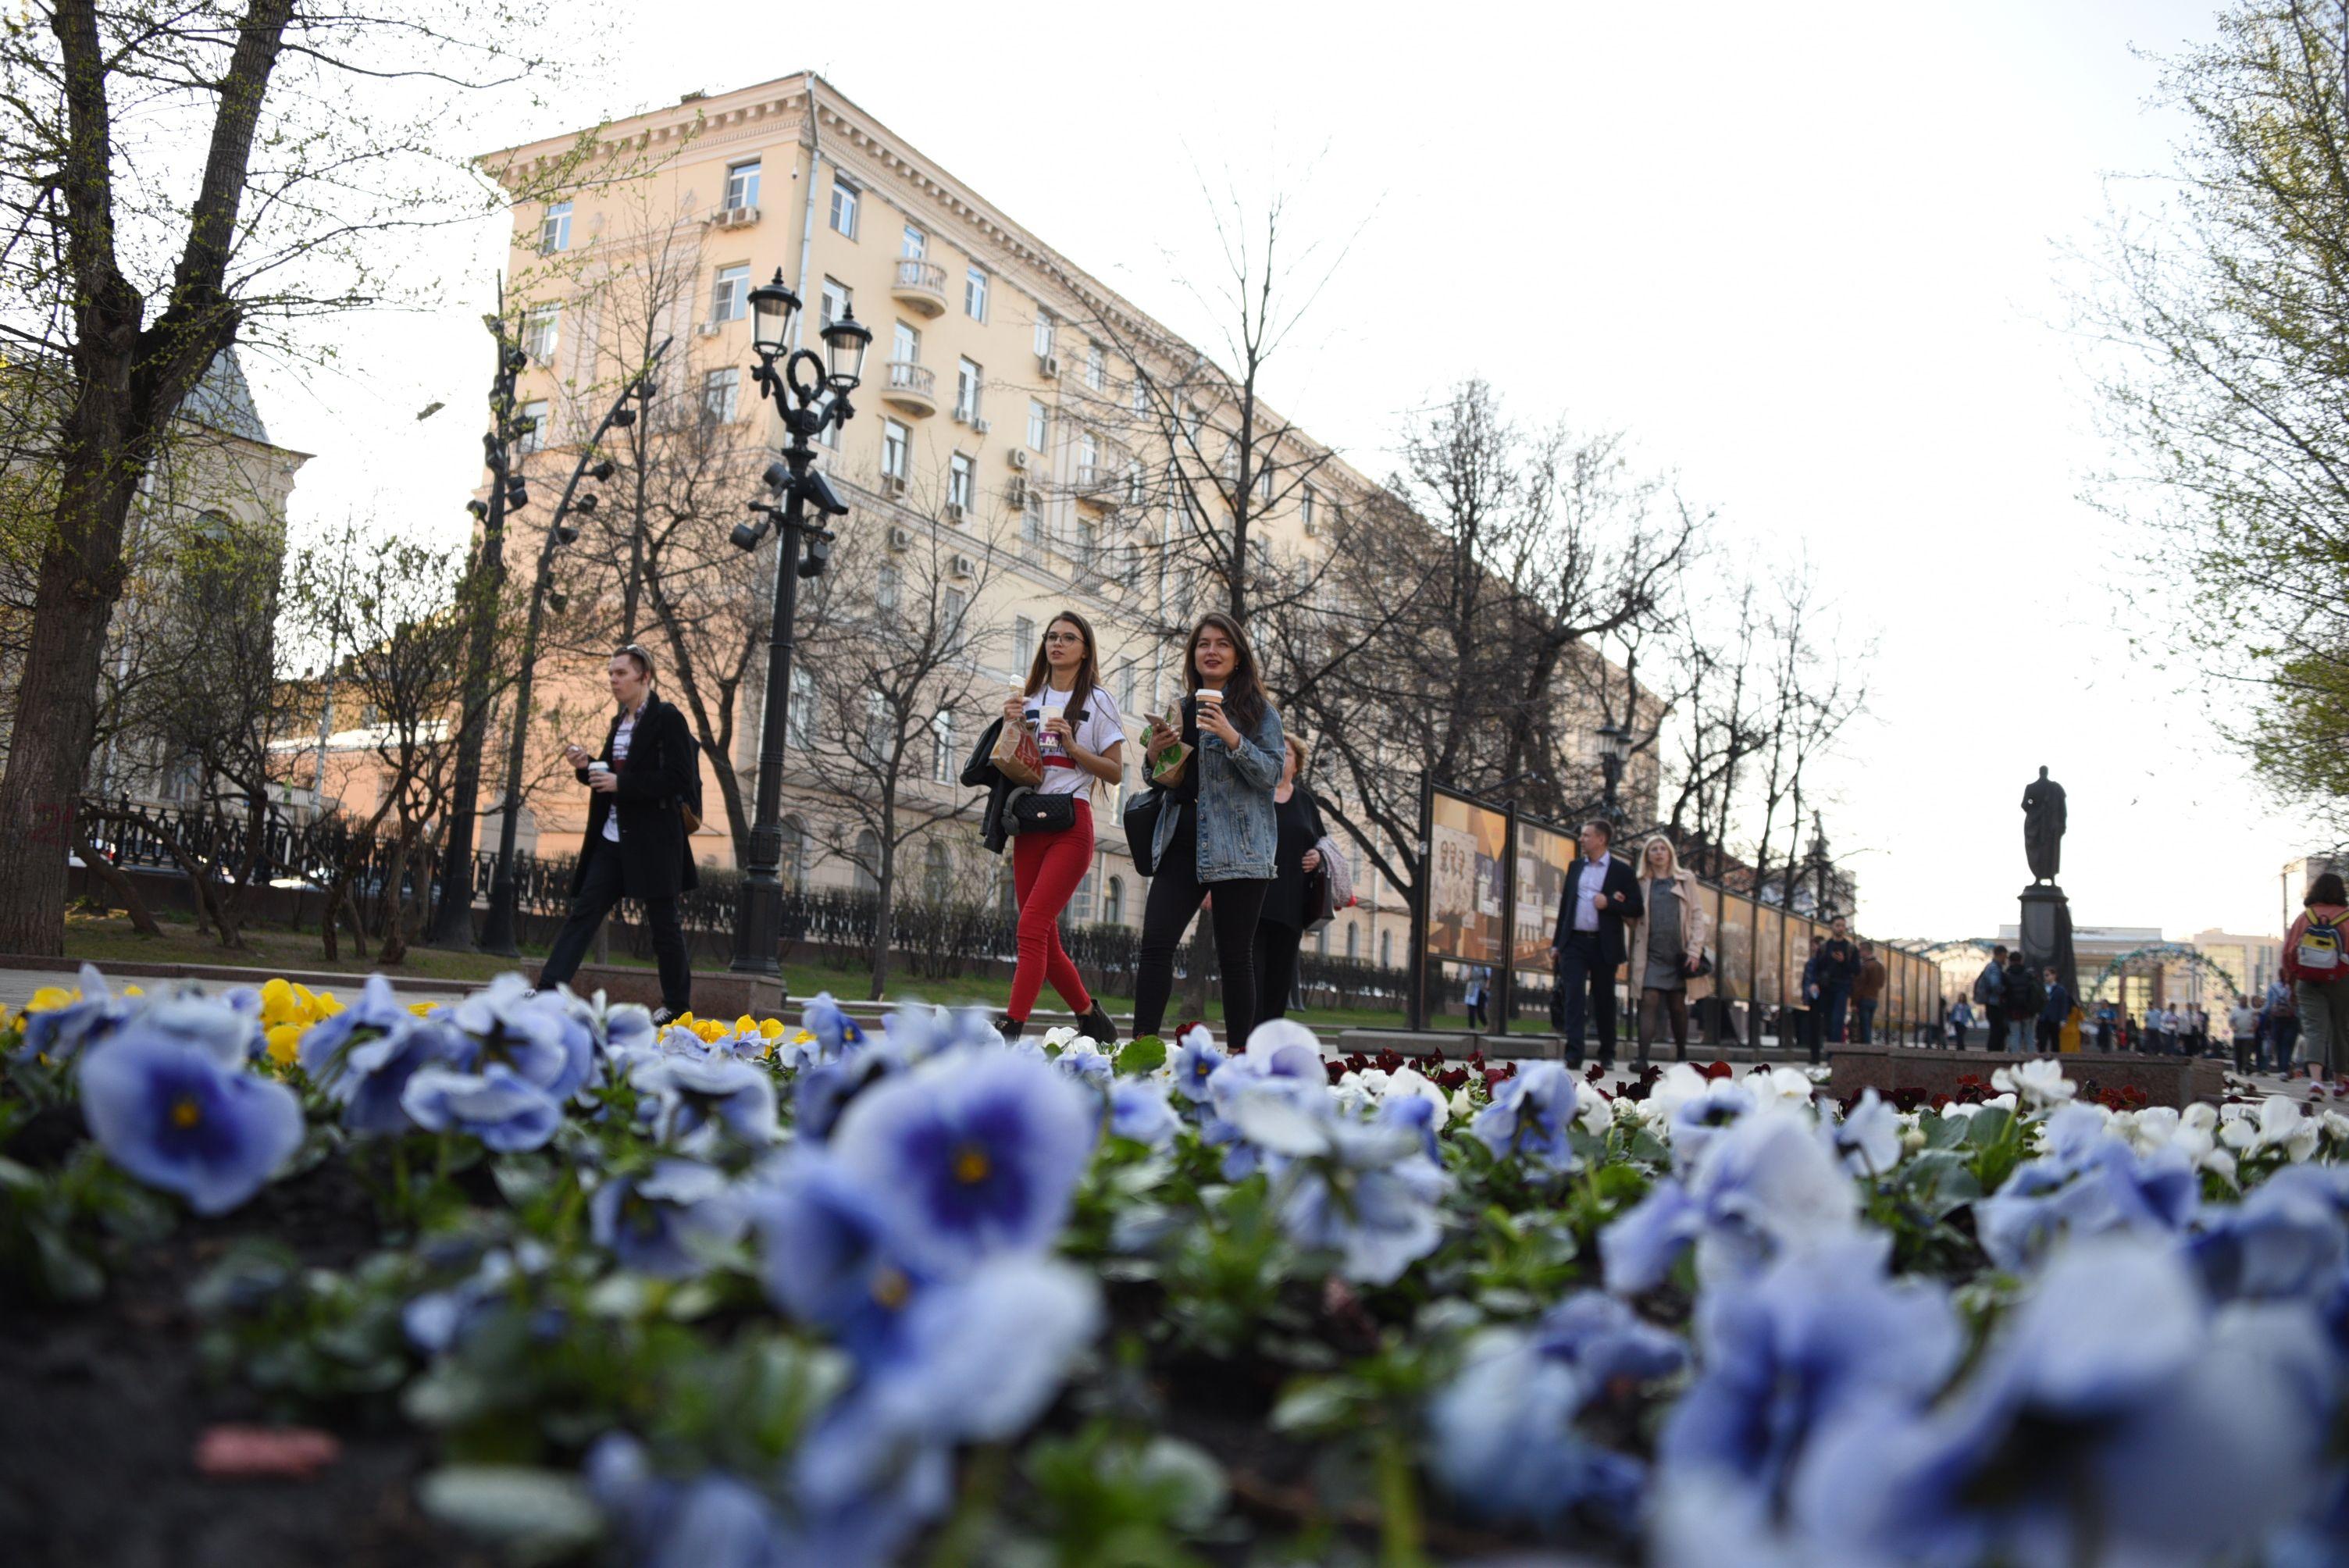 Погода во вторник в Москве будет комфортной